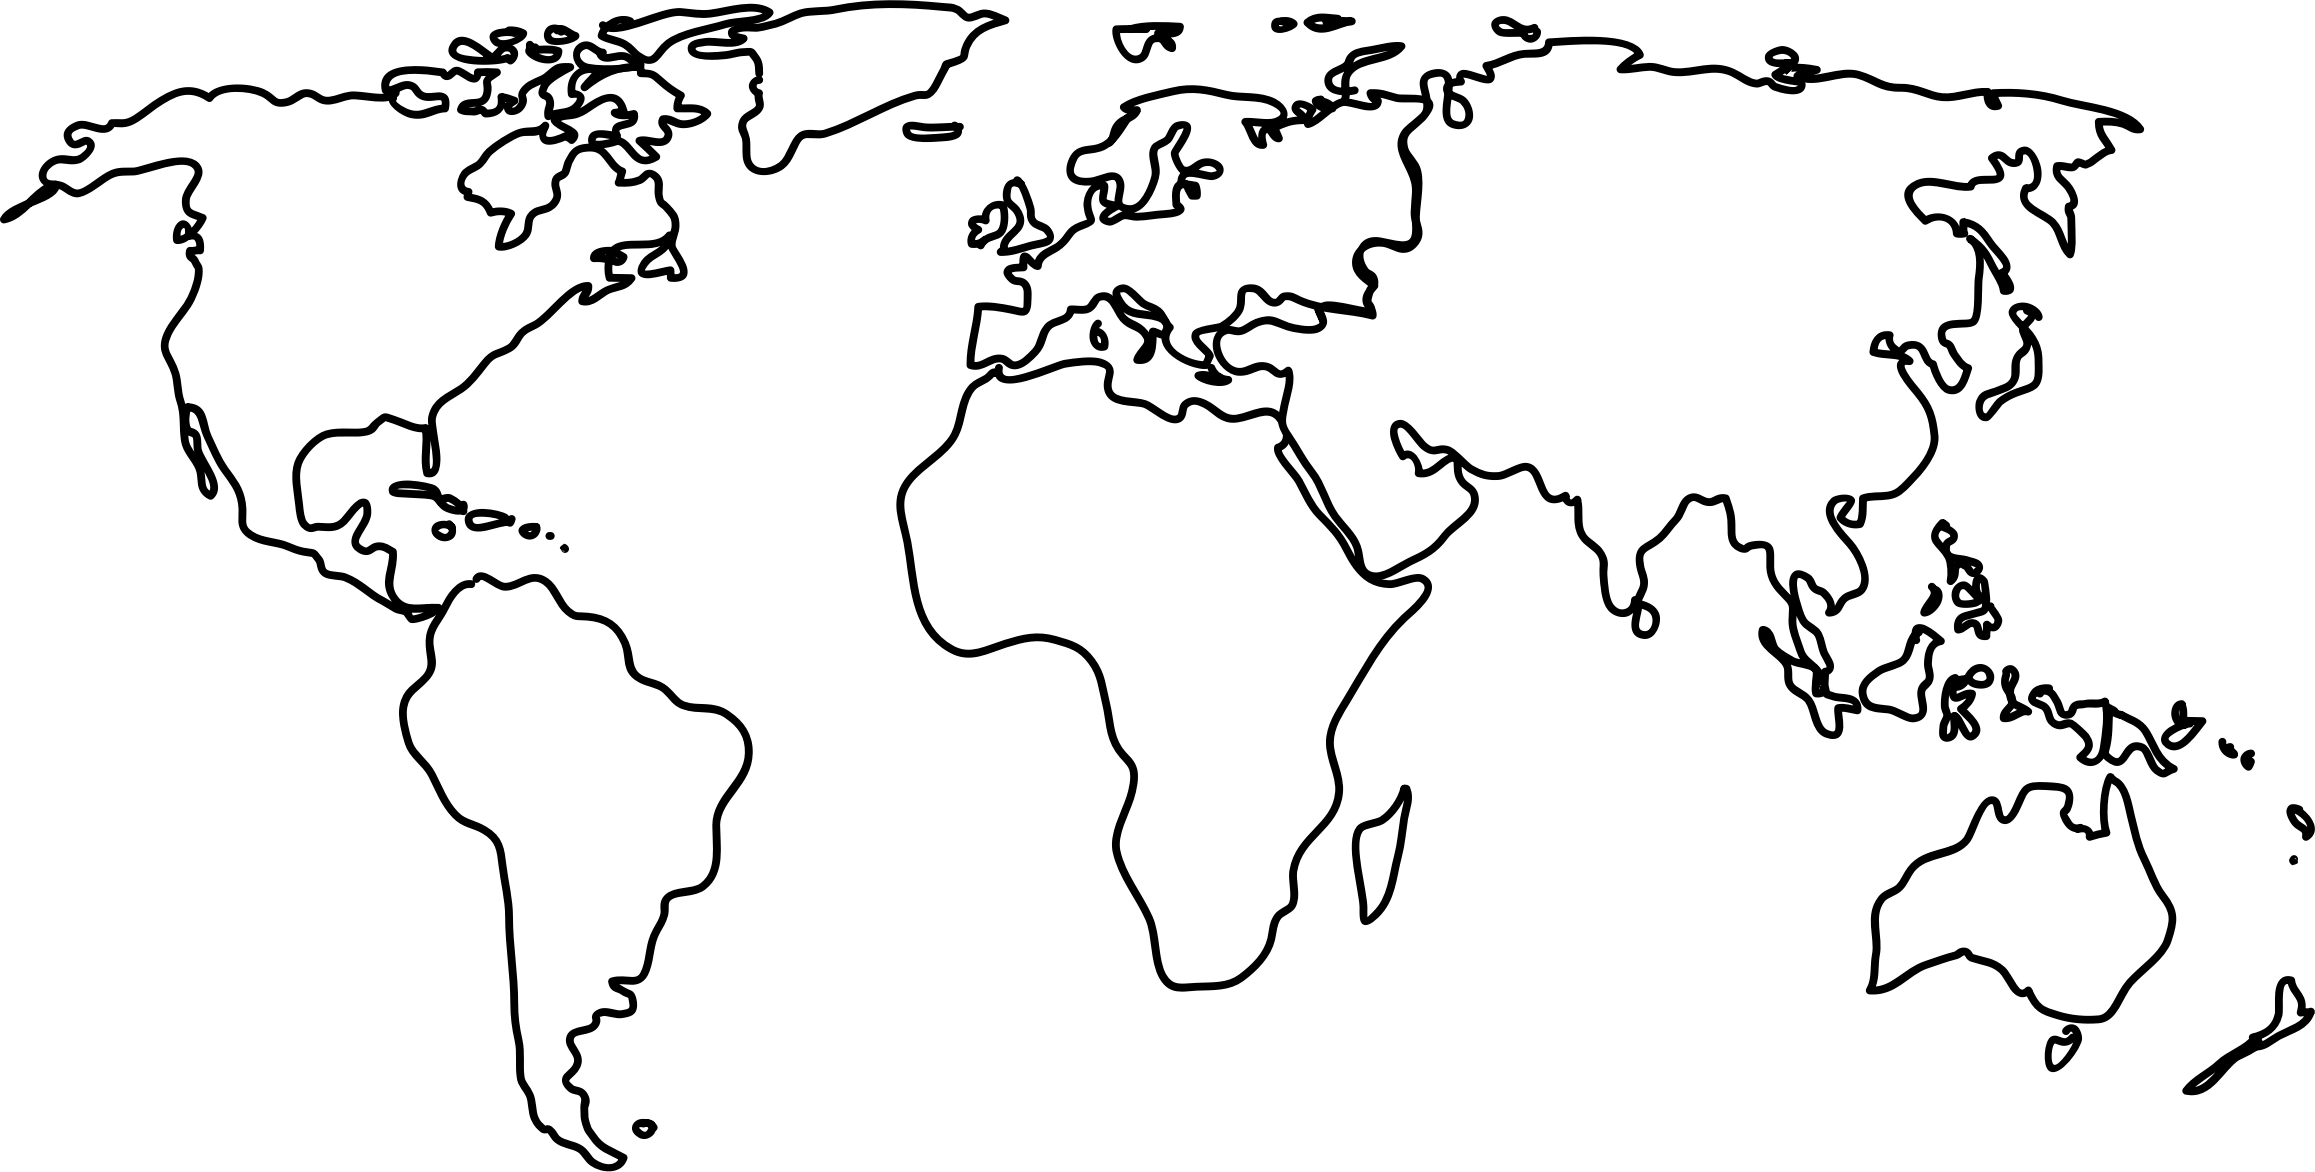 World Map Clip Art 15 - World Map Clipart